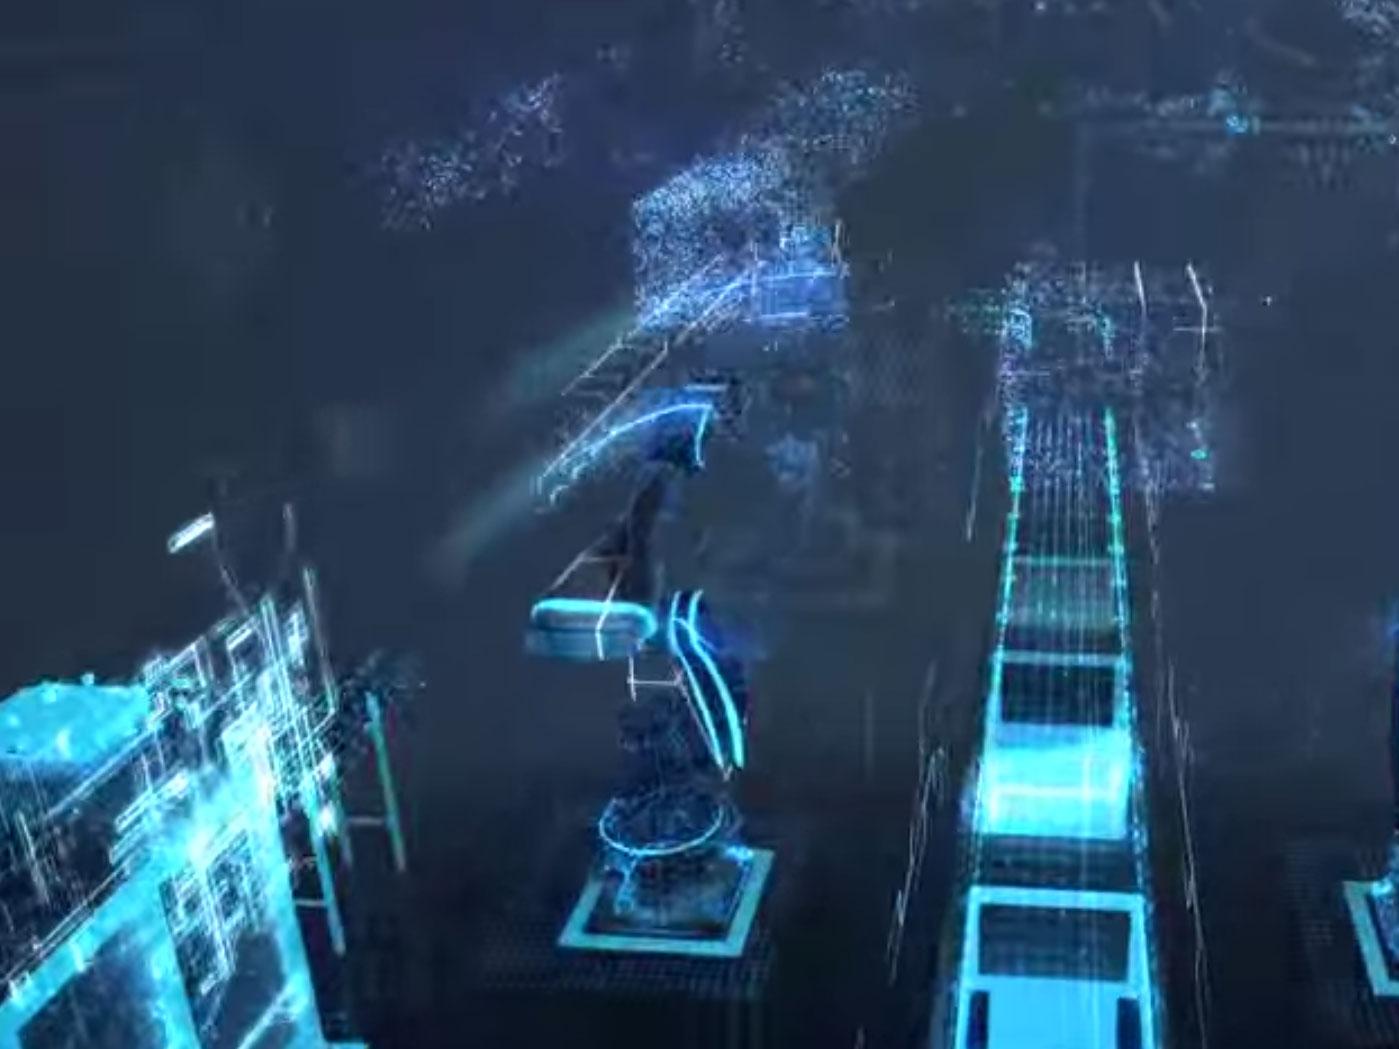 """Siemens investiert auch mit der so genannten """"Data Plant"""" in Software-Lösungen. Jetzt kommt mit CD-adapco ein Spezialist für Ingenieurs-Lösungen hinzu. (Bild: Simens)"""